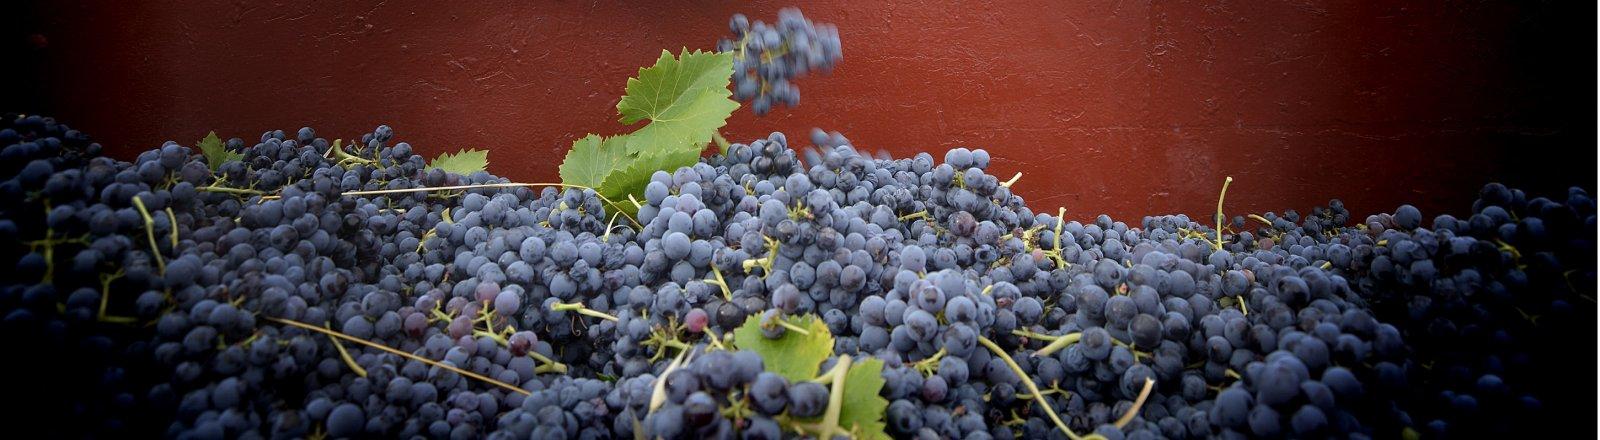 Travail de la vigne - Castelbarry © Olivier Diaz de Zarate